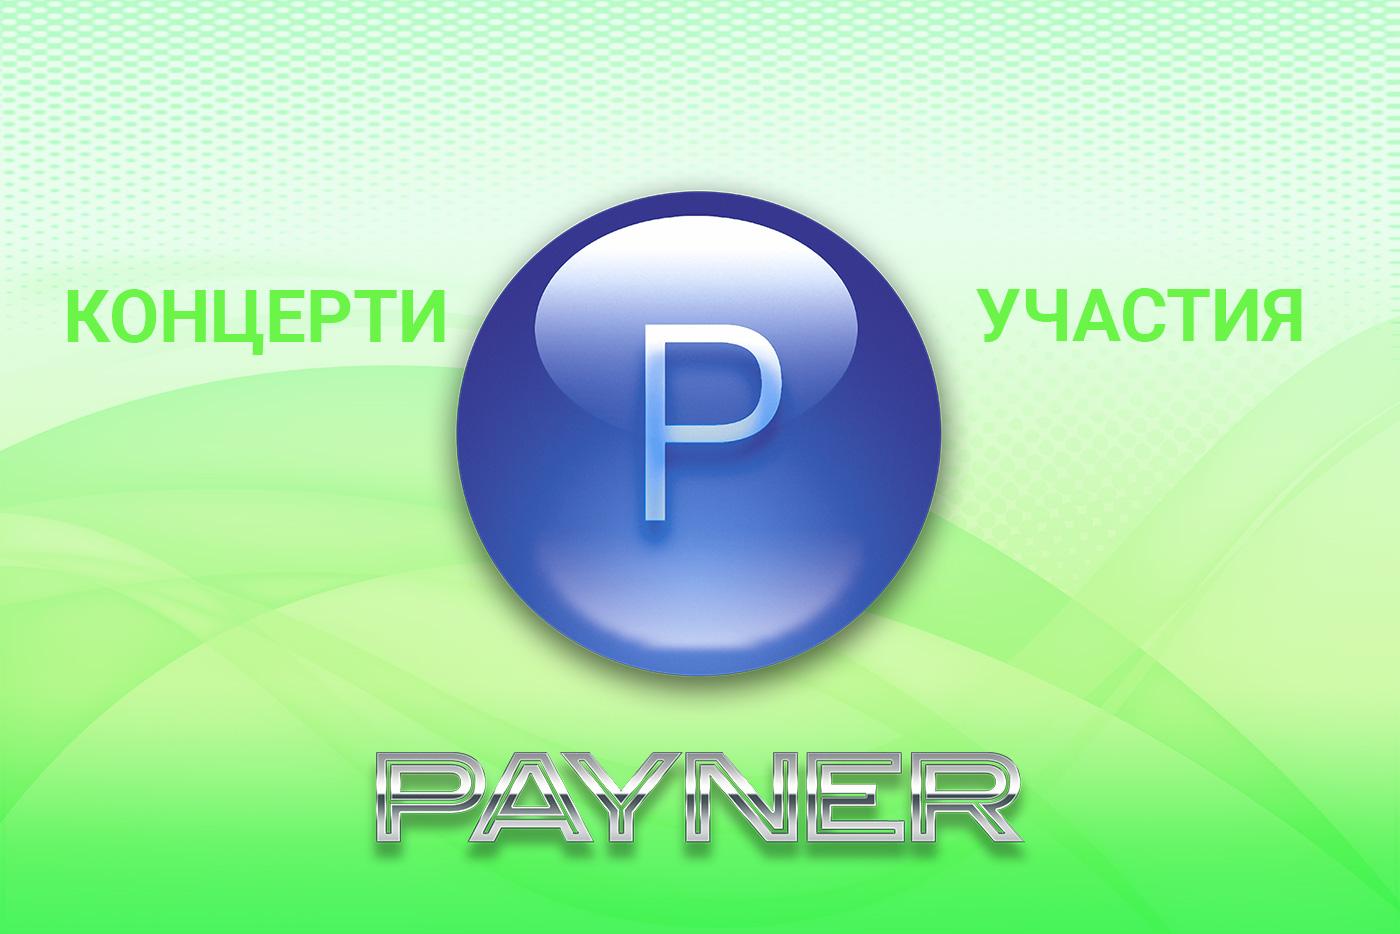 """Участия на звездите на """"Пайнер"""" на 26.09.2019"""